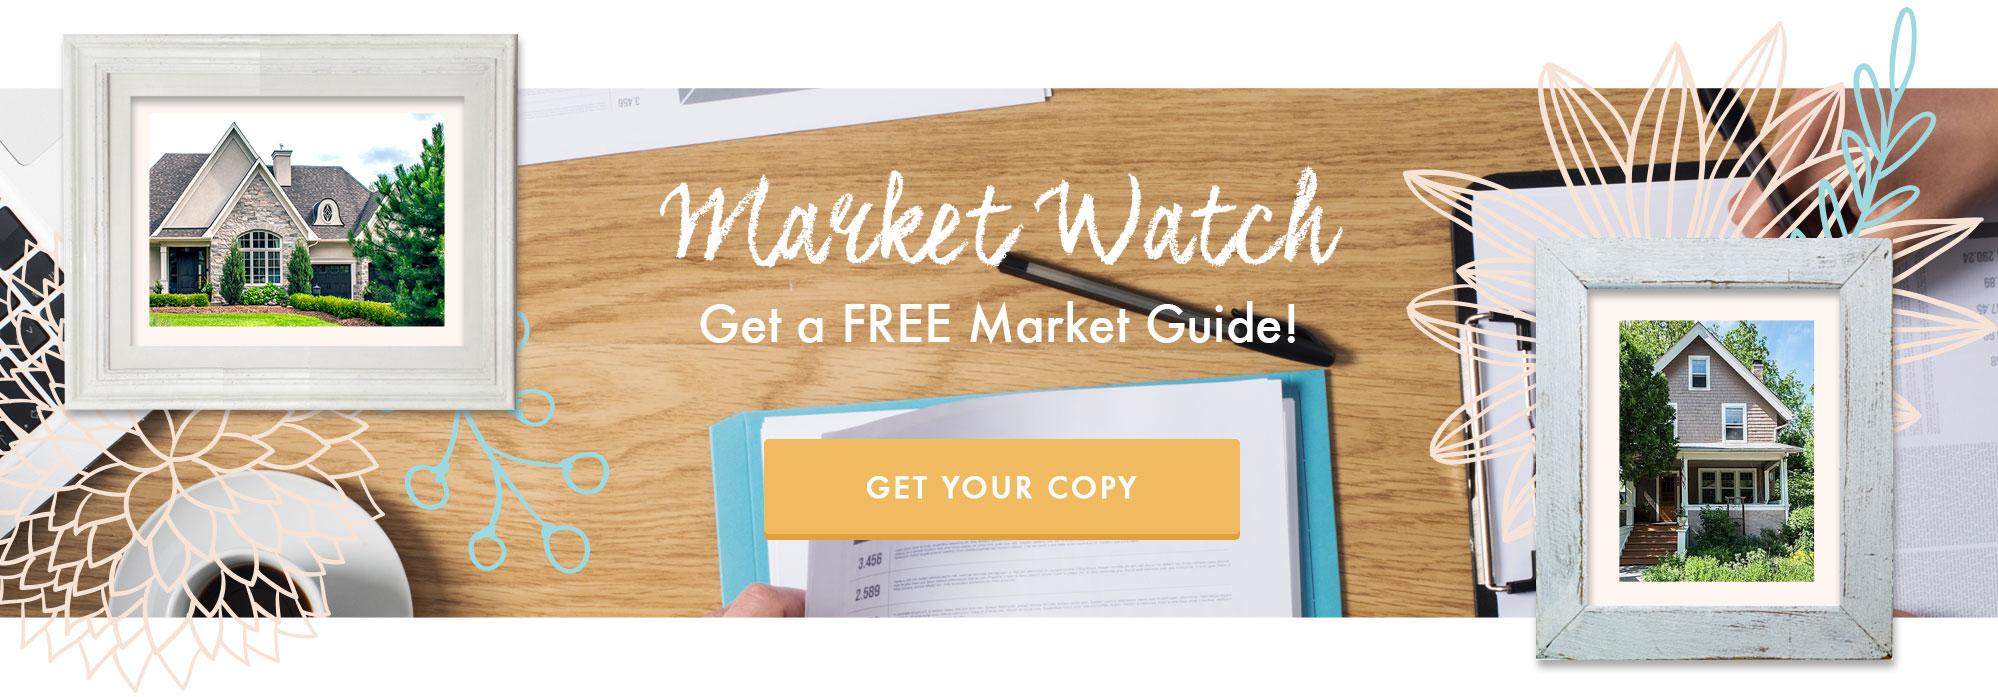 Market Watch - Get Housing Market Updates